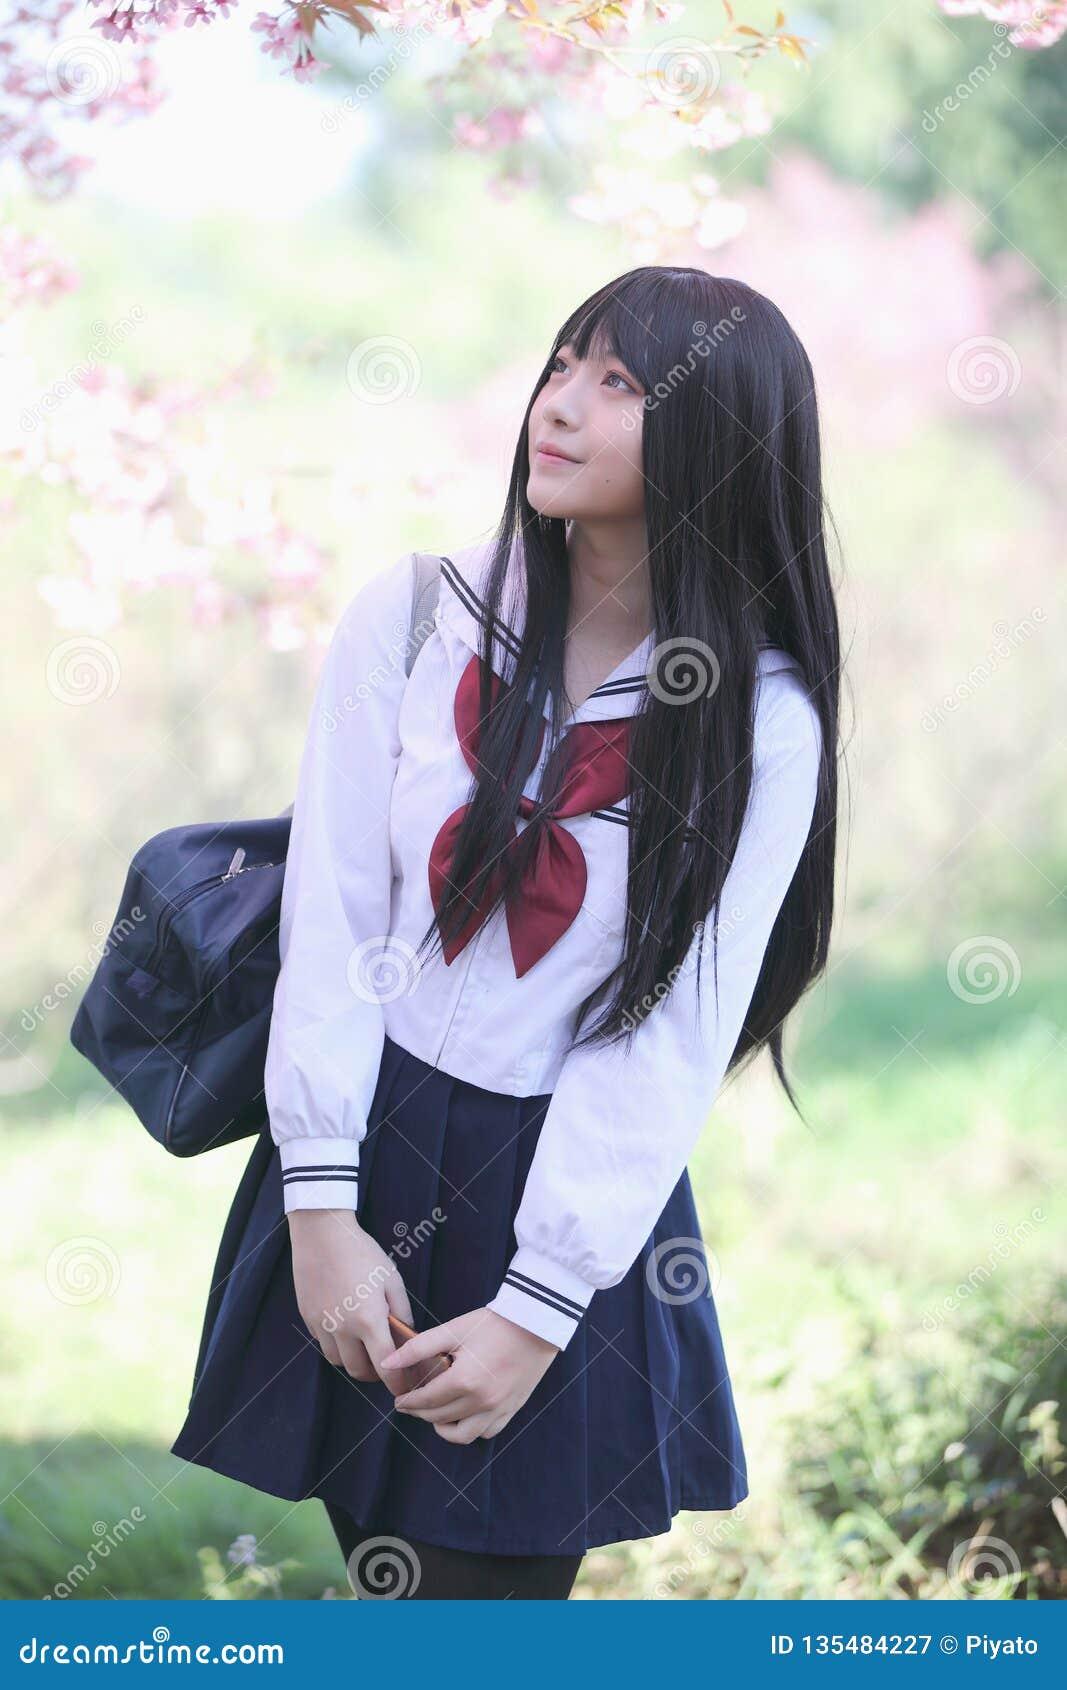 Japanese School Girl Dildo